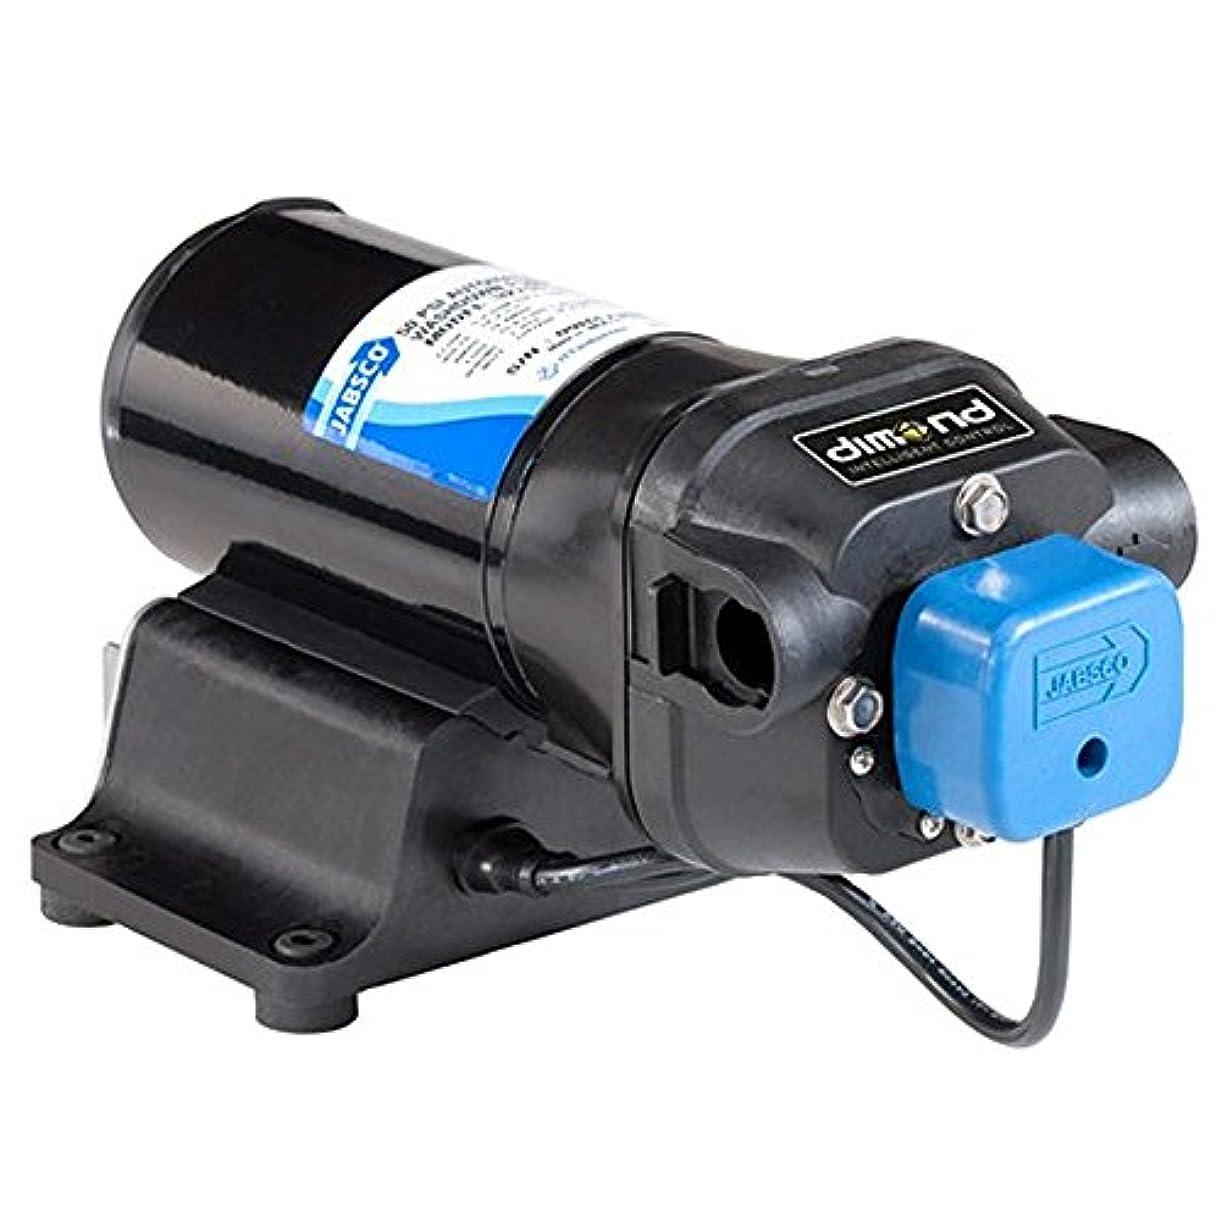 欲しいですタイルみなさんJabsco VFLO水圧力パンプス、定数フロー、5.0 GPM ( 19 LPM )